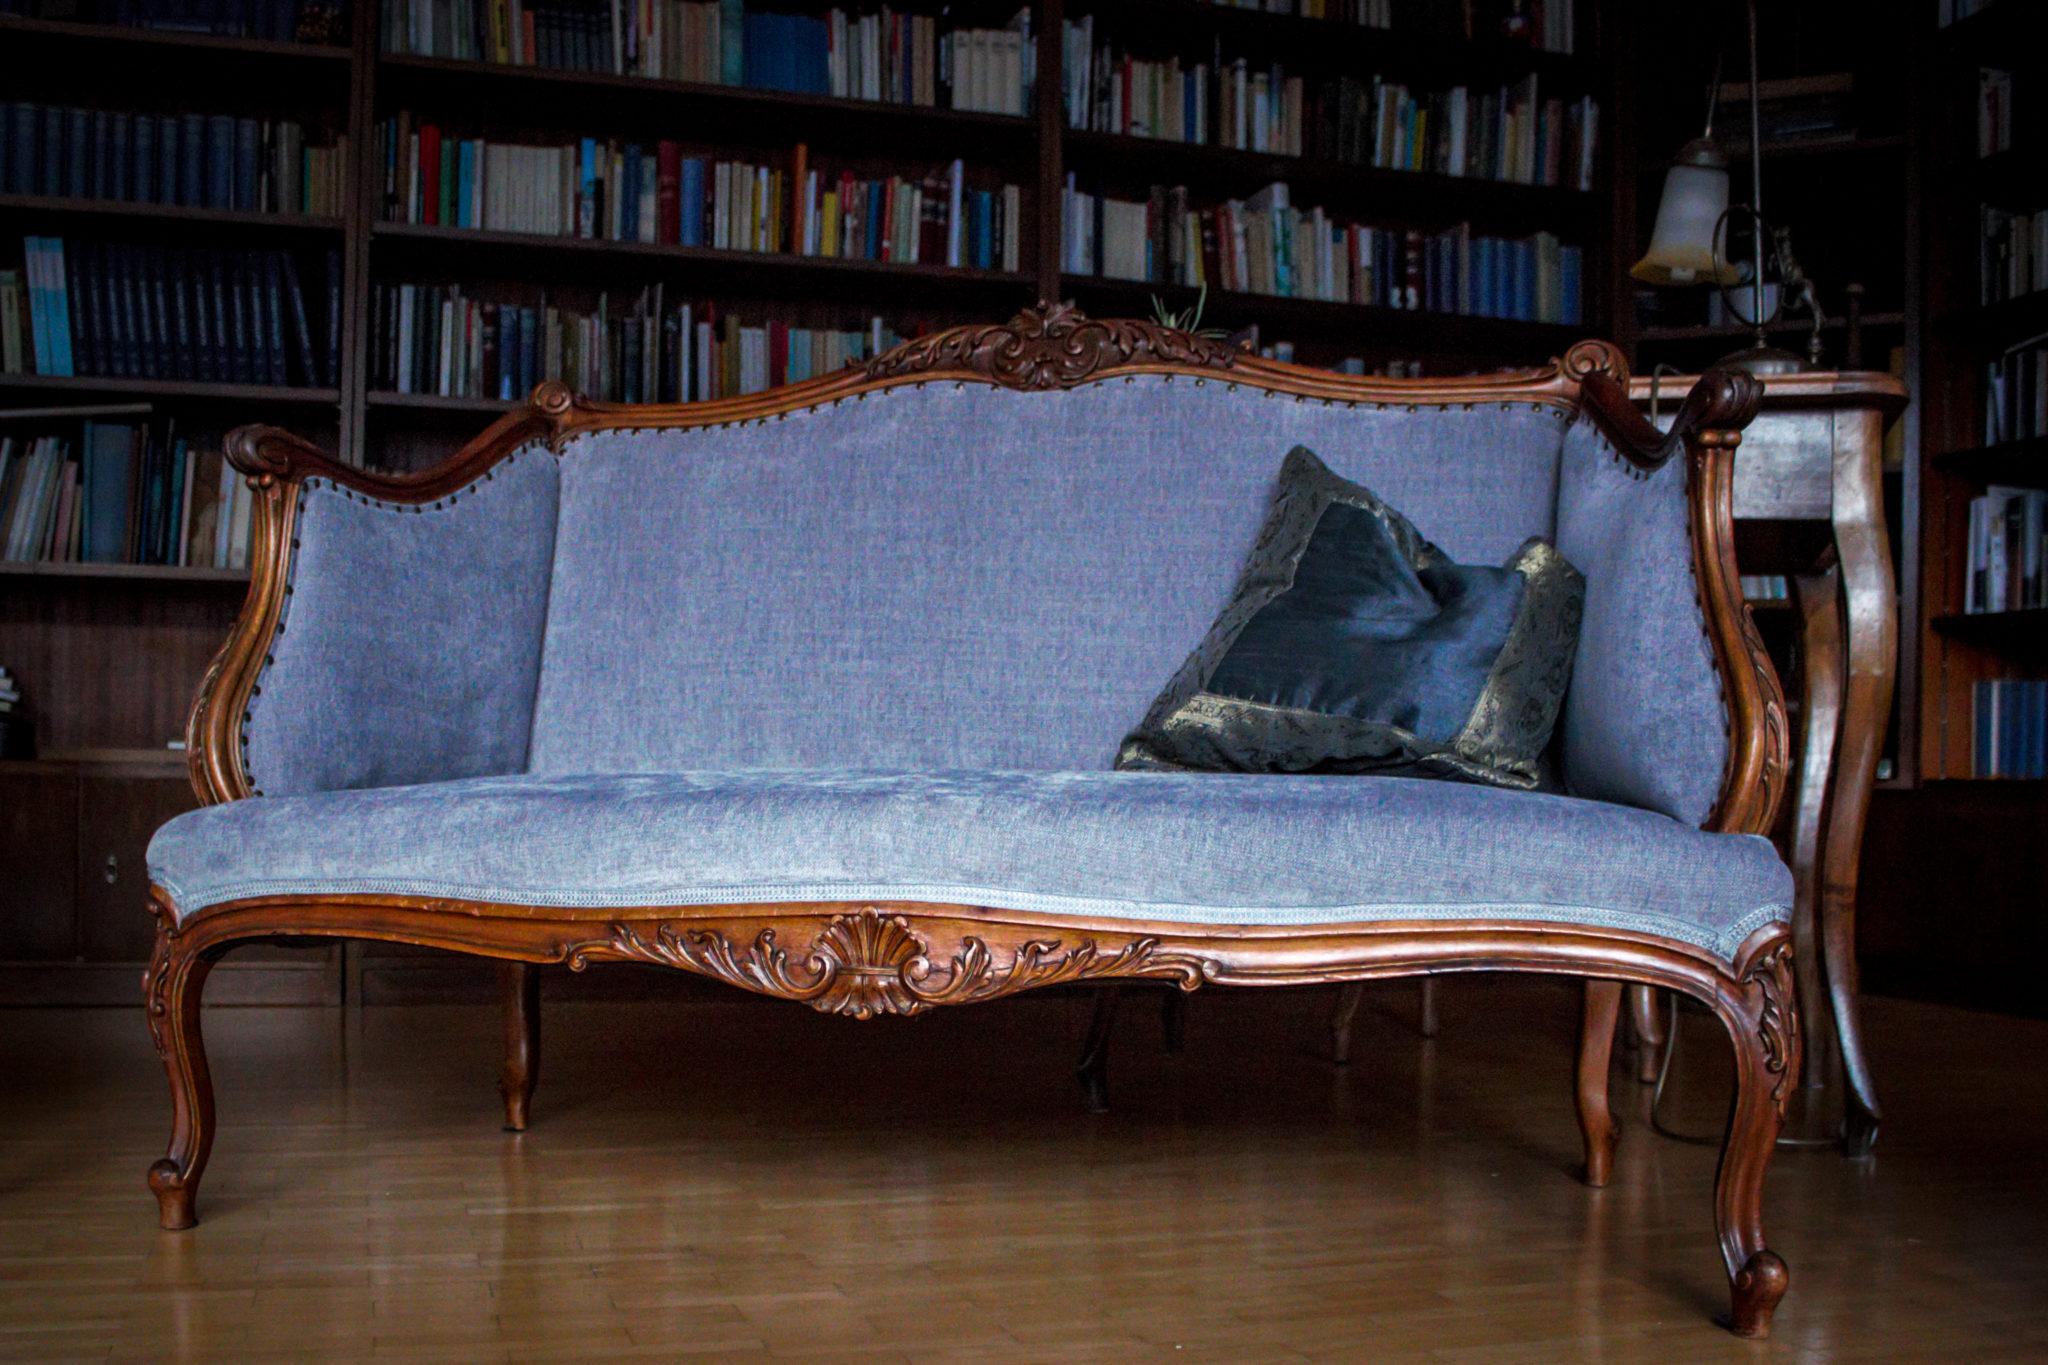 Stilmöbel Sofa komplett neu aufgearbeitet und gepolstert. Polster, reparatur, antik, alt, stühle sessel sofa